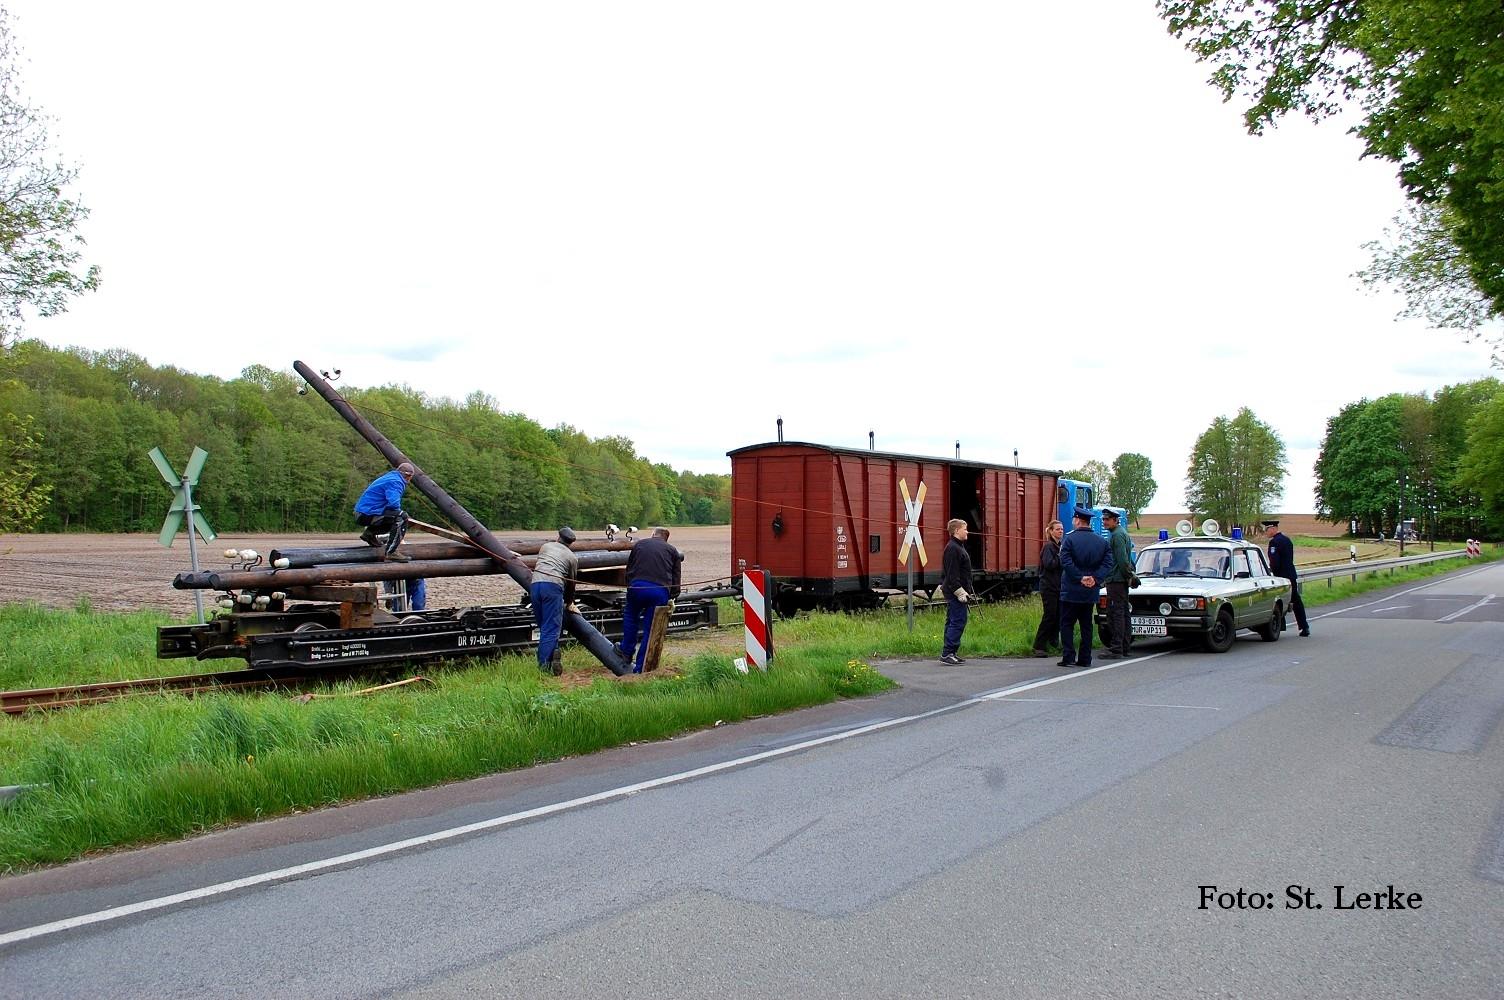 Von Mast zu Mast  – Freileitungsbau in der Praxis beim Prignitzer Kleinbahnmuseum e.V.